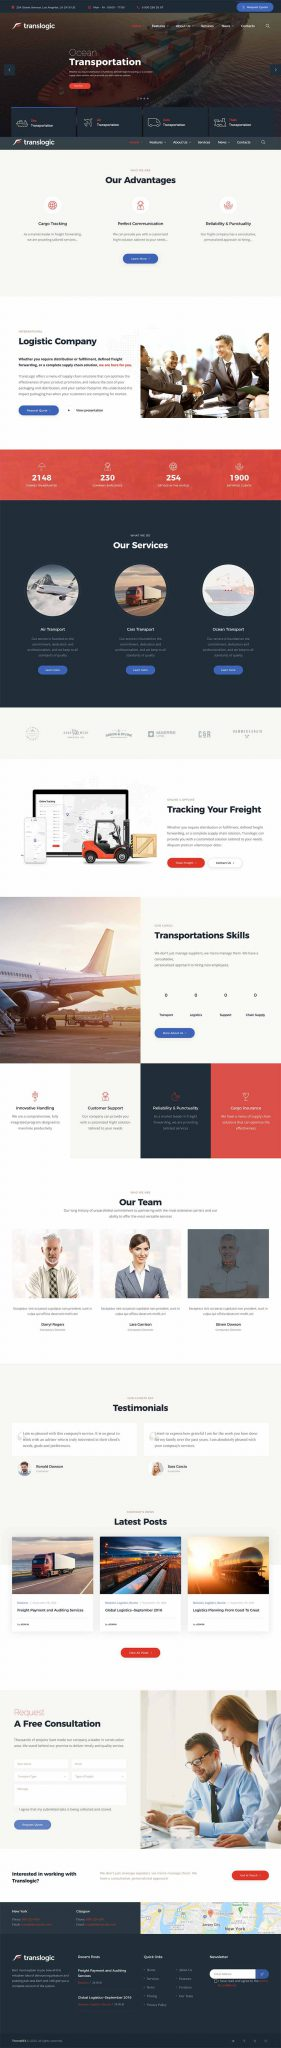 Thiết kế website đẹp cho doanh nghiệp vận chuyển